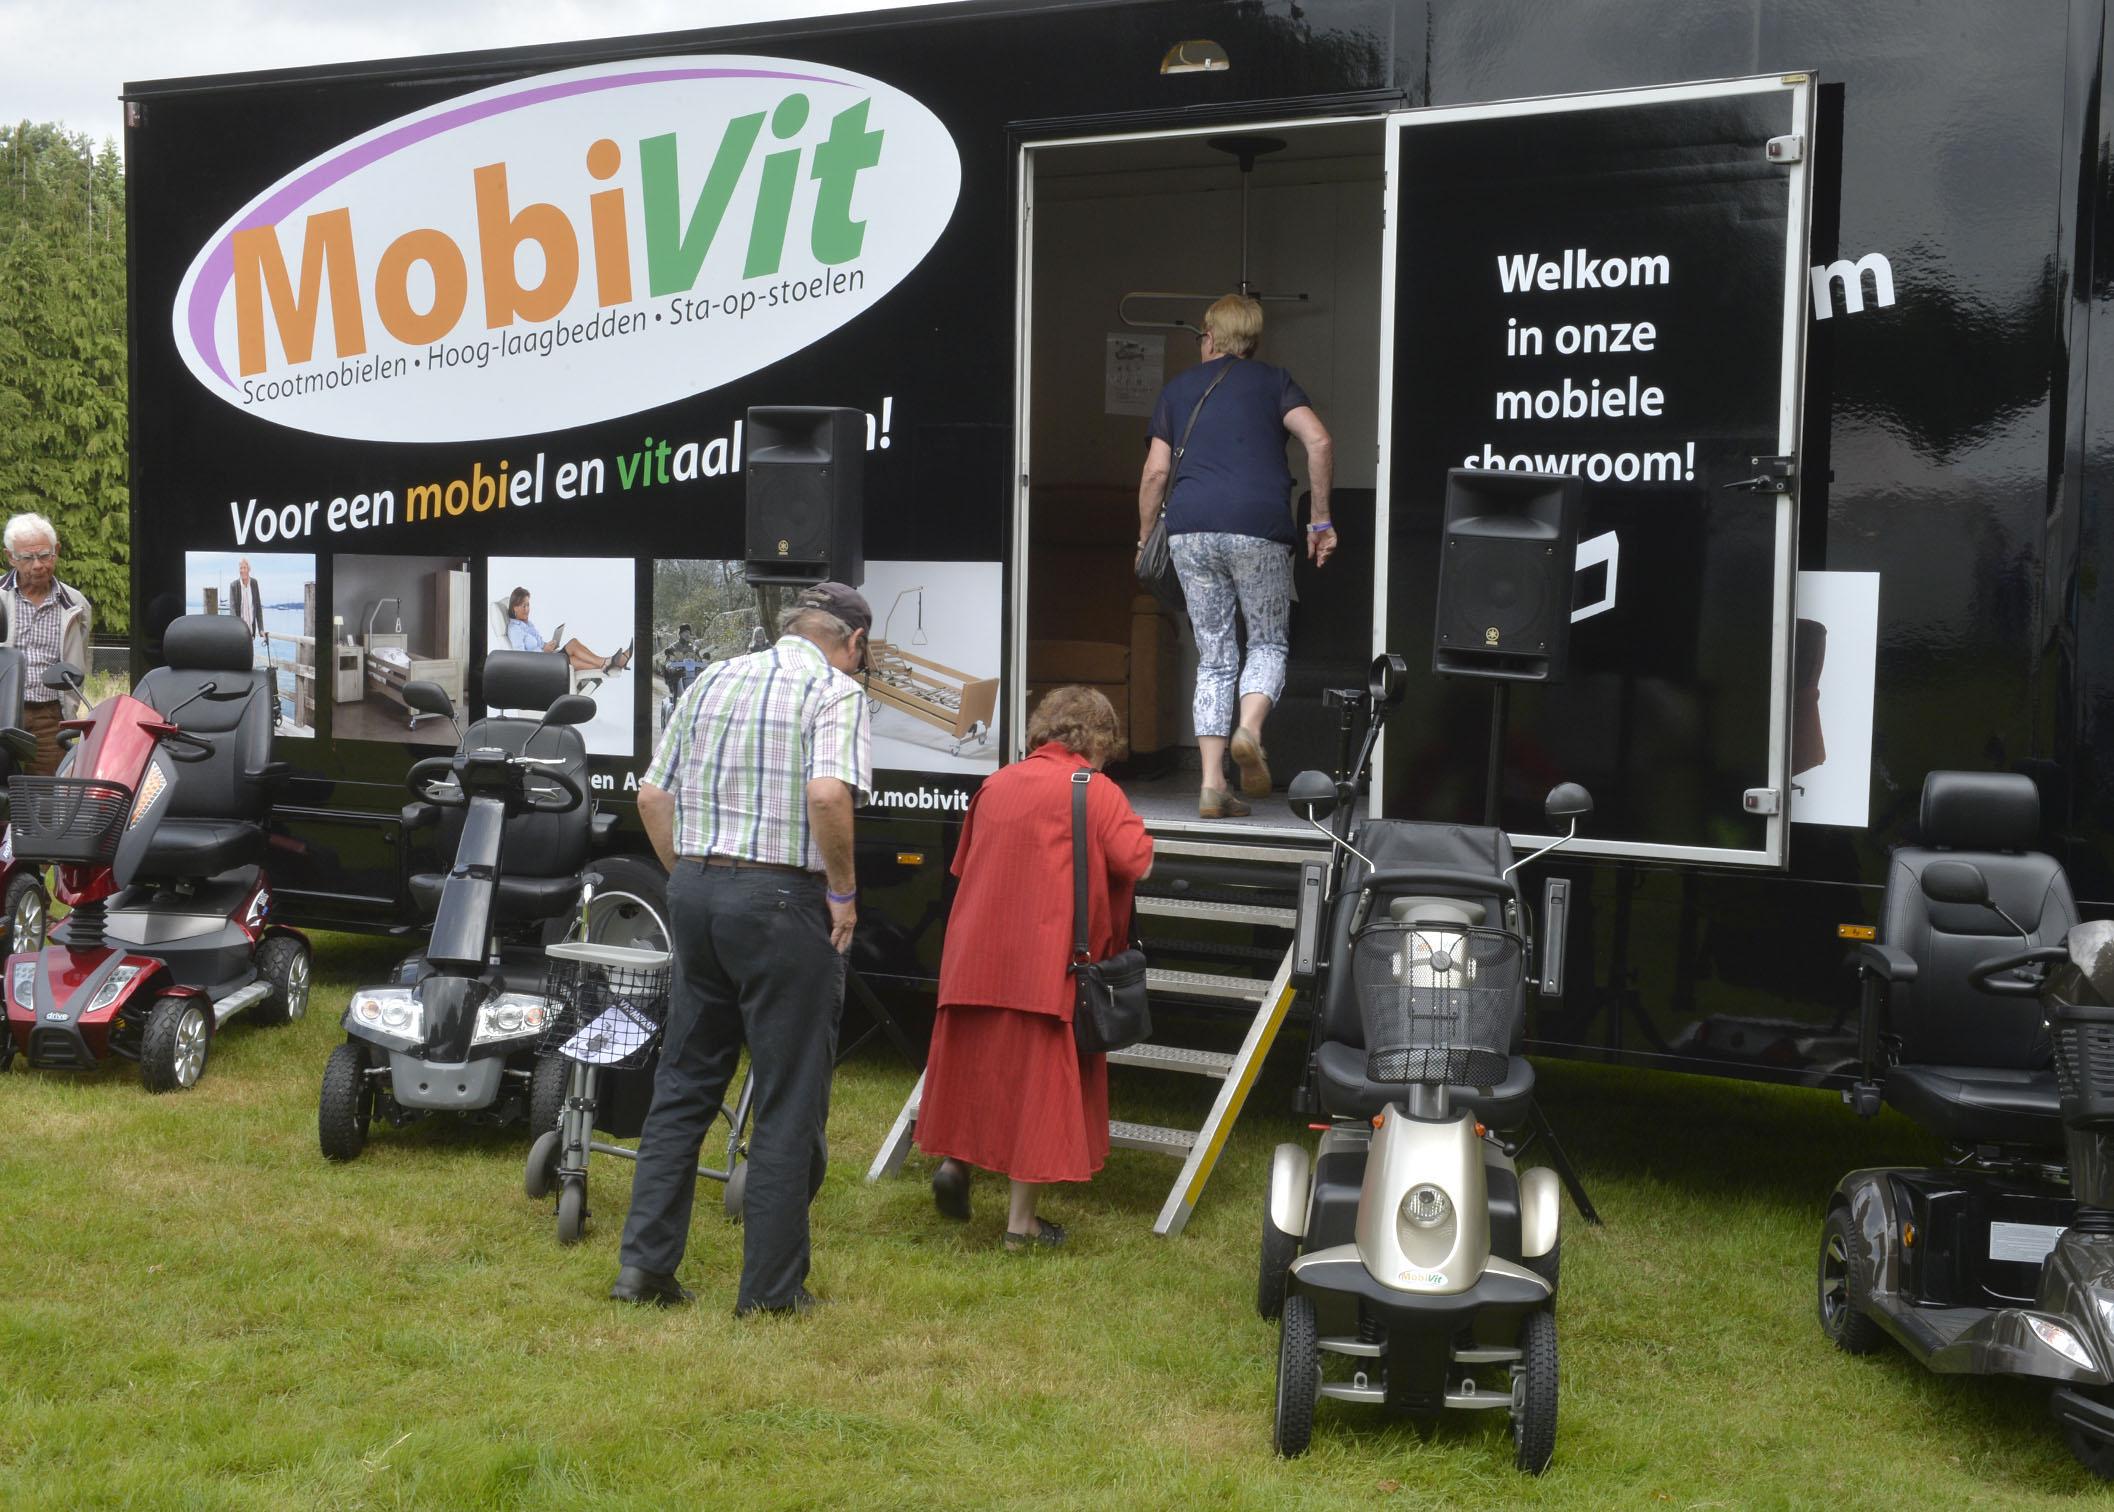 Foto bij persbericht over nieuwe mobiele showroom van de Drentse hulpmiddelenspecialist MobiVit in Emmen, Assen en Schoonoord